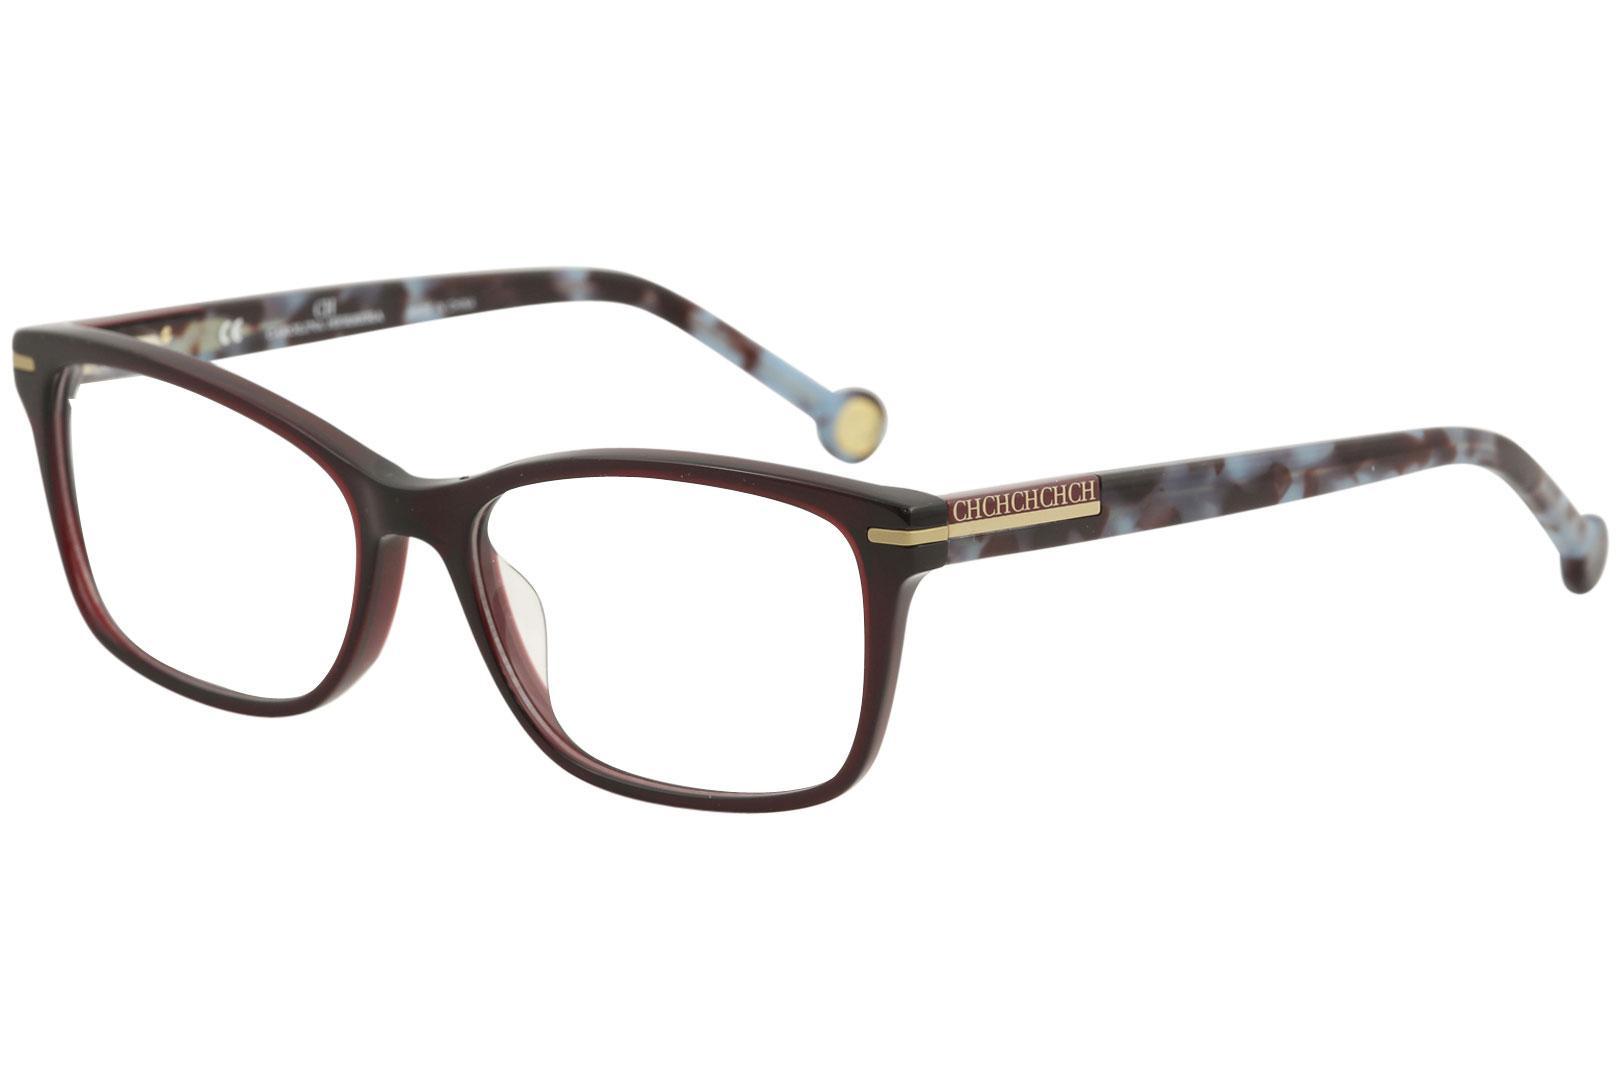 22e0366fef4c CH Carolina Herrera Women s Eyeglasses VHE729K VHE 729K Full Rim Optical  Frame